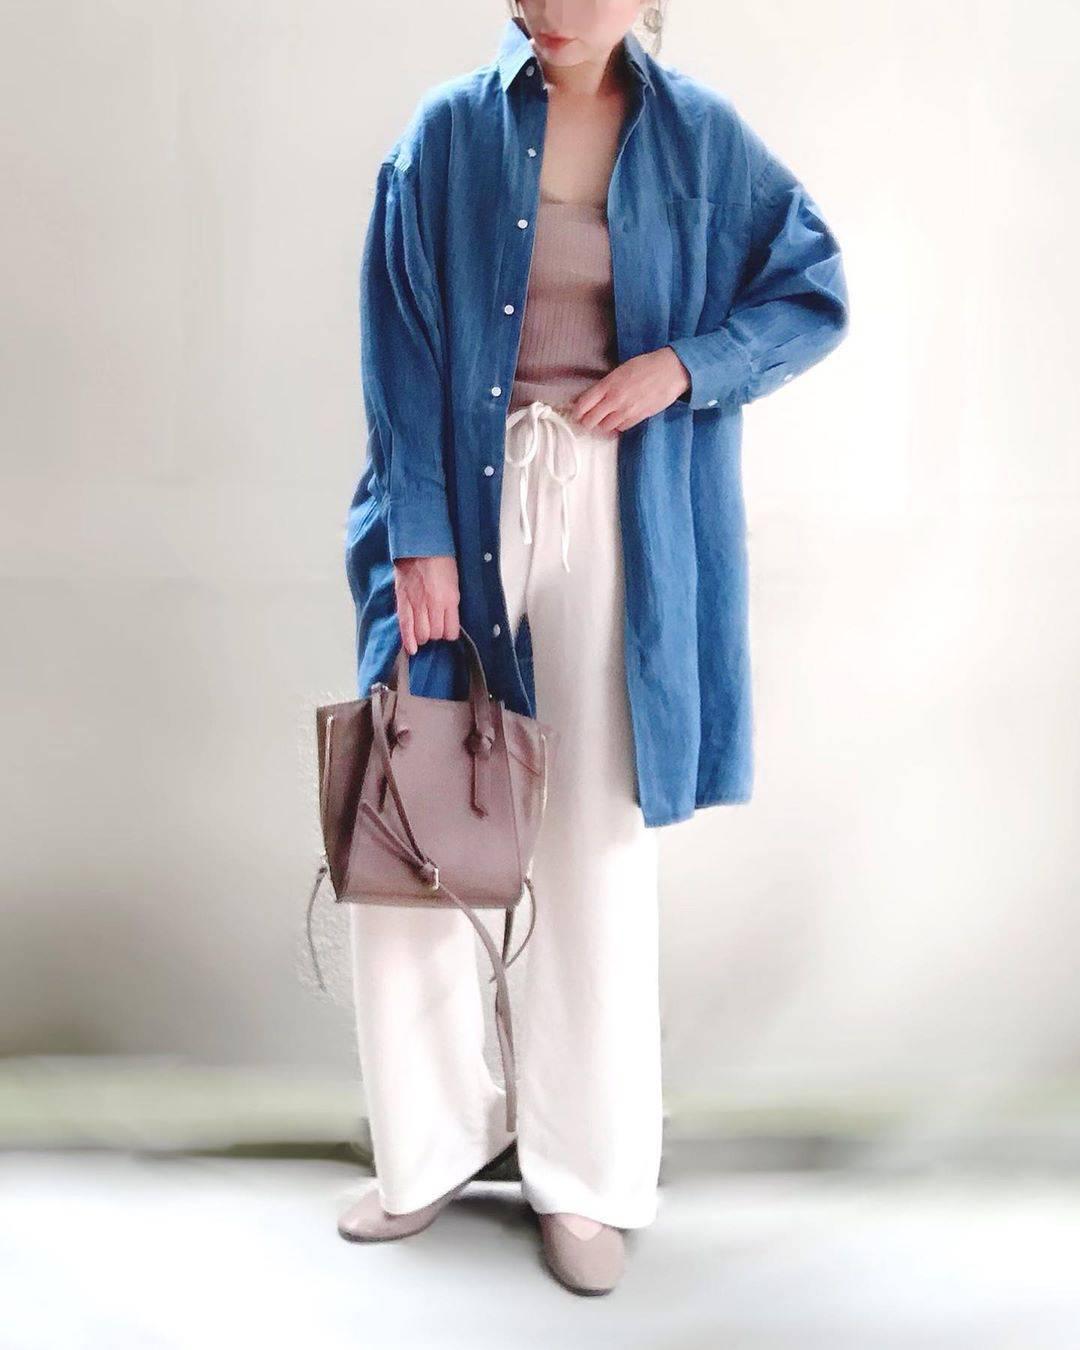 最高気温18度・最低気温6度 unange103の服装